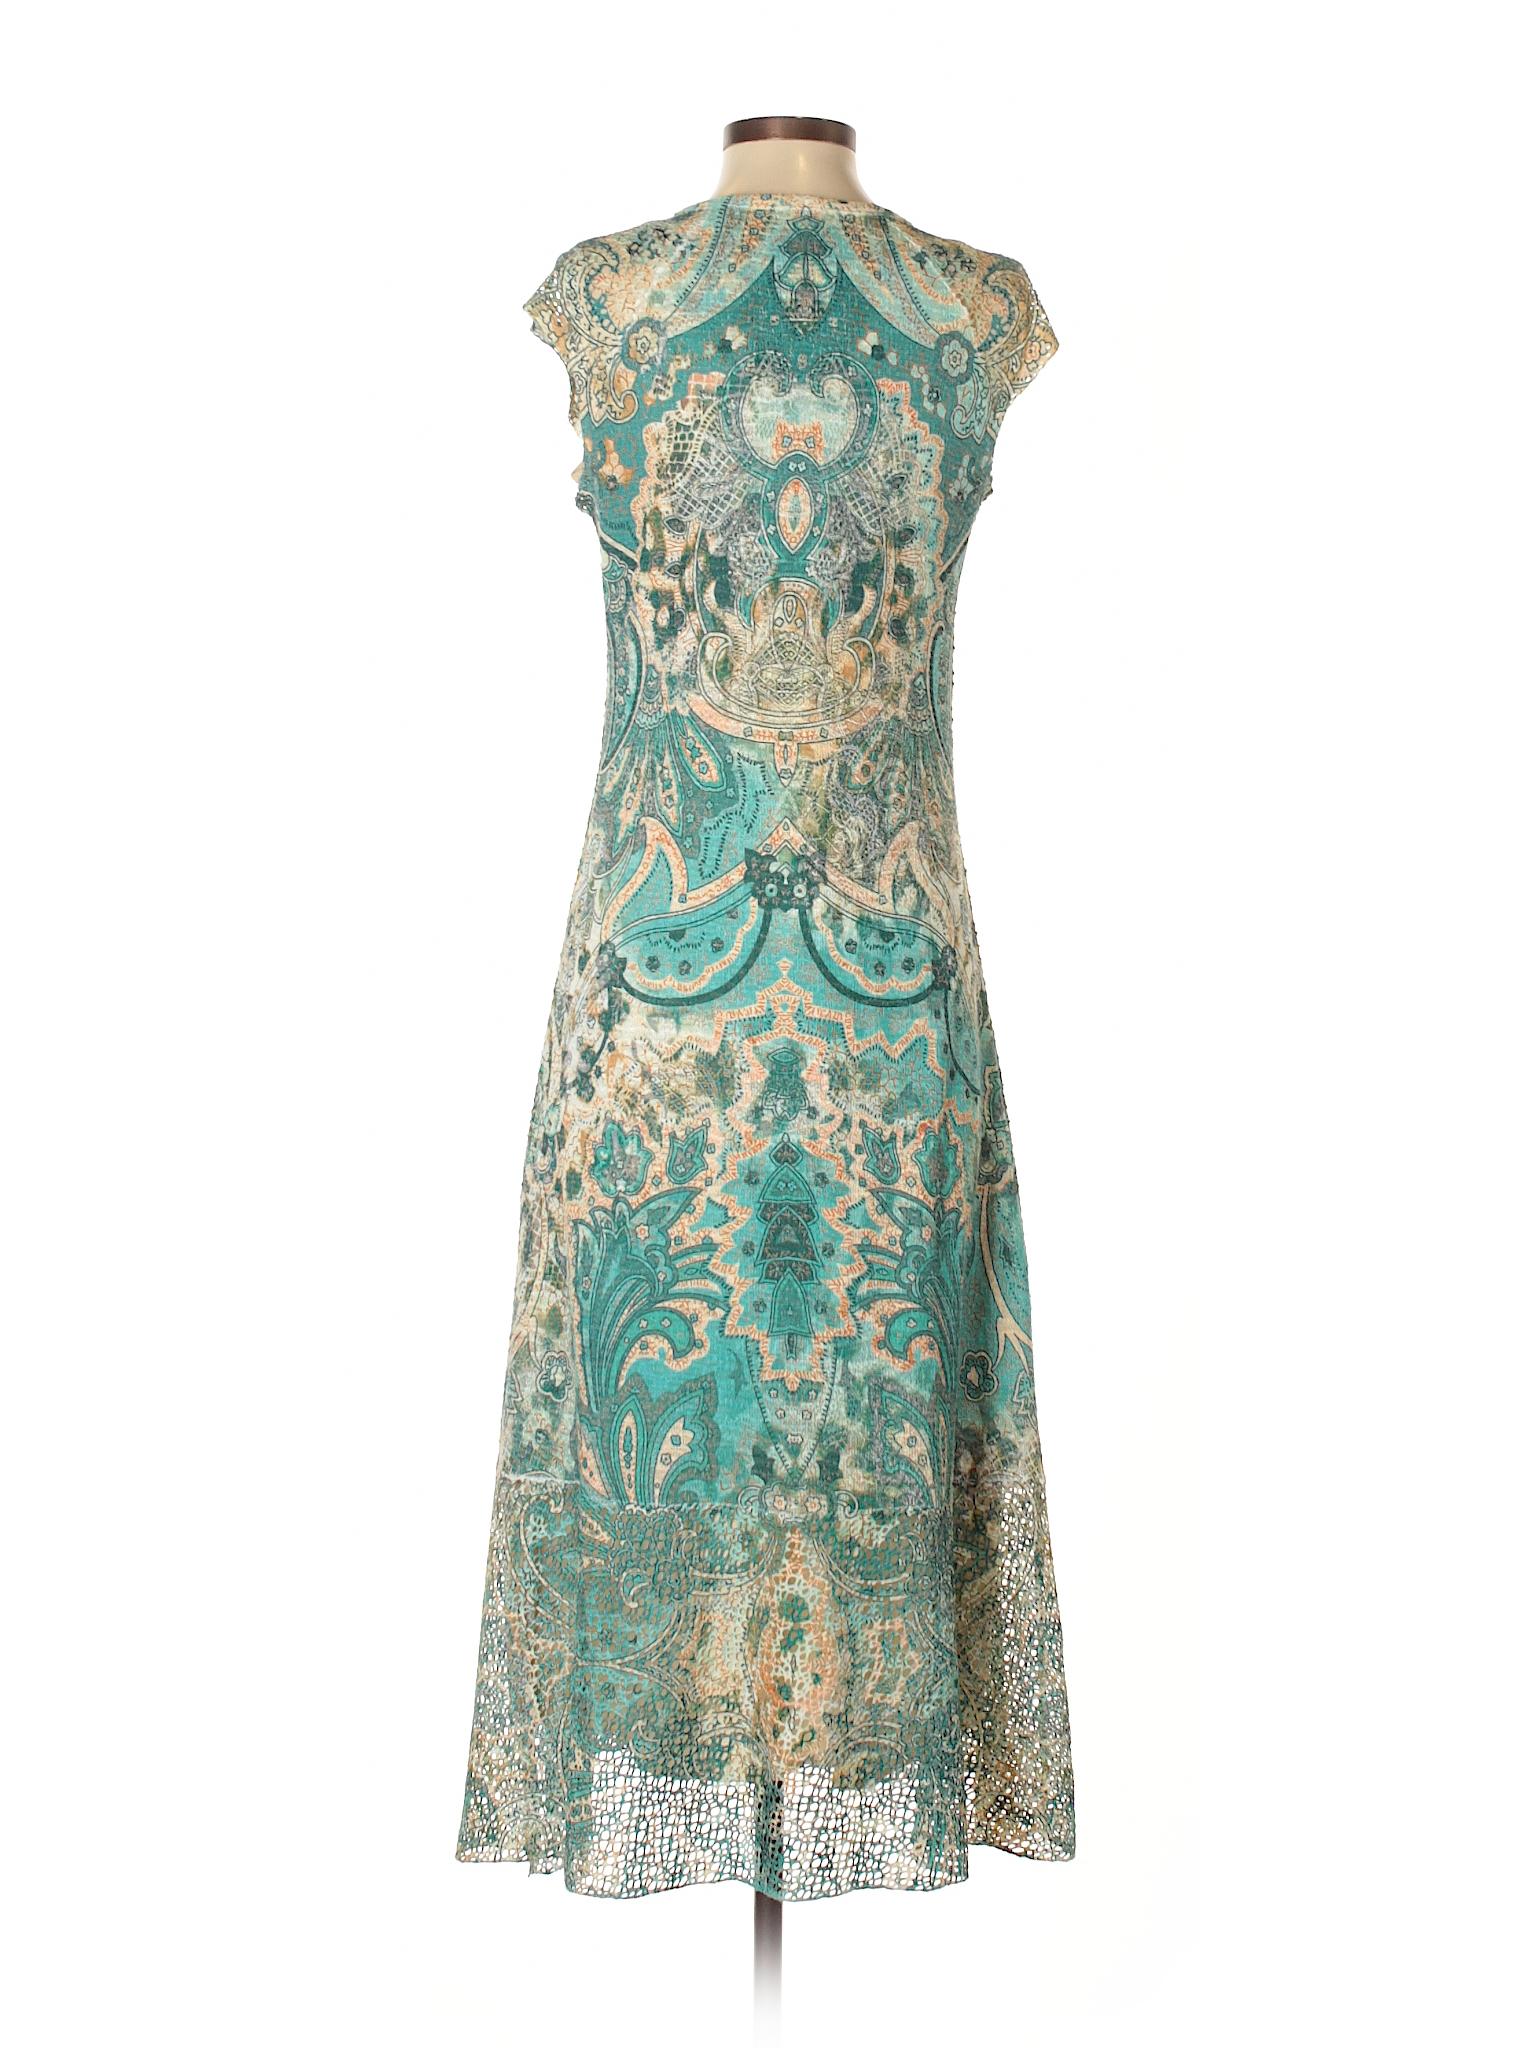 Selling Reba Reba Dress Casual Reba Casual Dress Reba Selling Selling Selling Reba Casual Casual Dress Casual Selling Dress PZAxqx